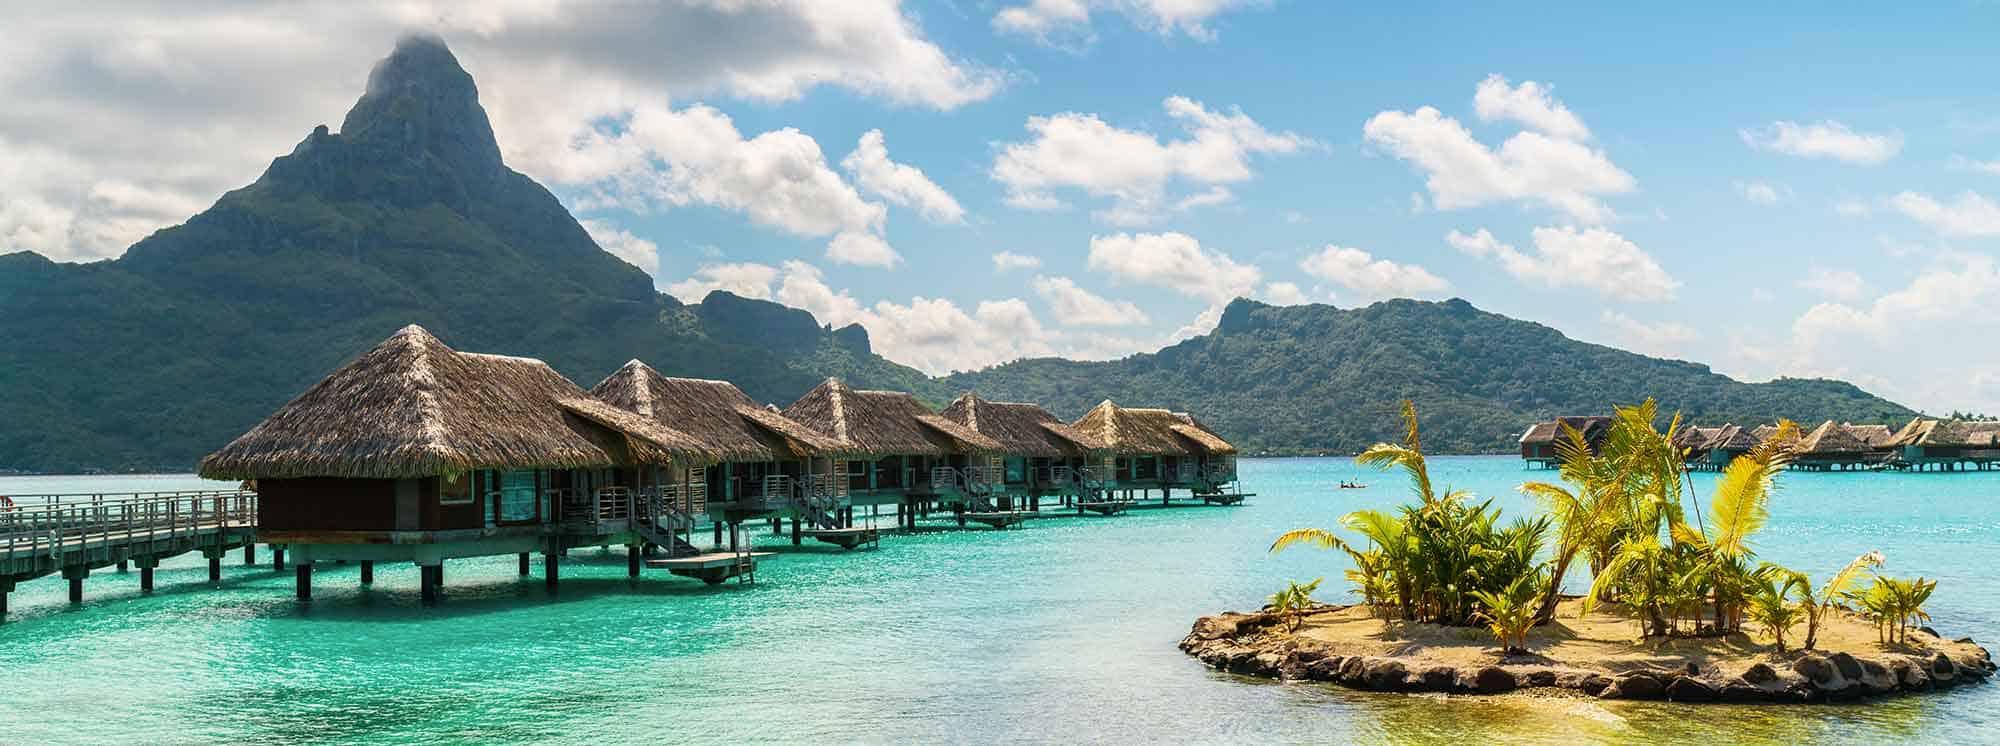 Top Schools in Polynesia